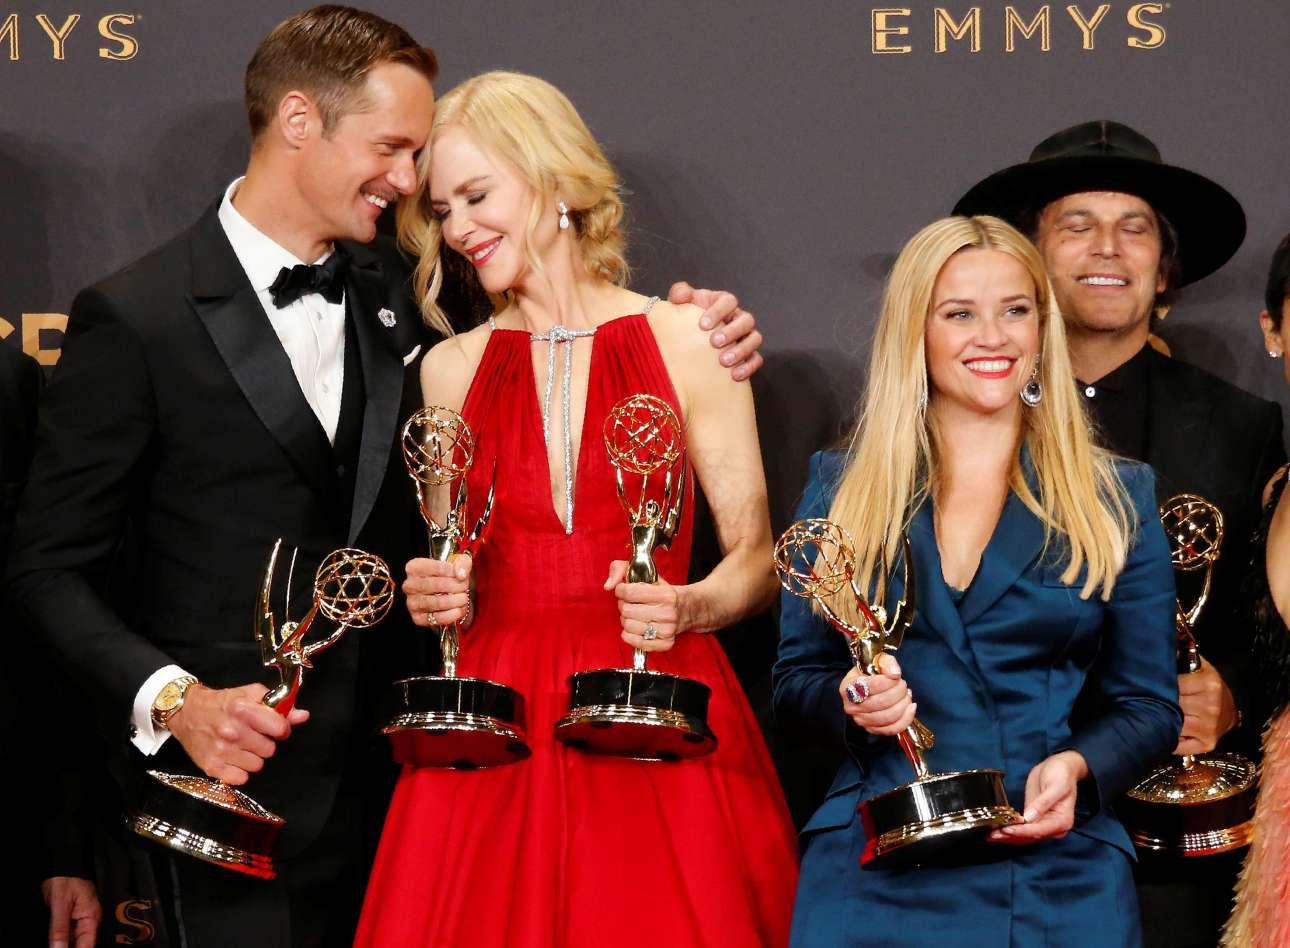 Το καστ της μίνι σειράς «Big Little Lies» (από αριστερά) Αλεξάντερ Σκάρσγκαρντ, Νικόλ Κίντμαν και Ρις Γουίδερσπουν με τα βραβεία τους. Η Κίντμαν είναι και συμπαραγωγός της σειράς